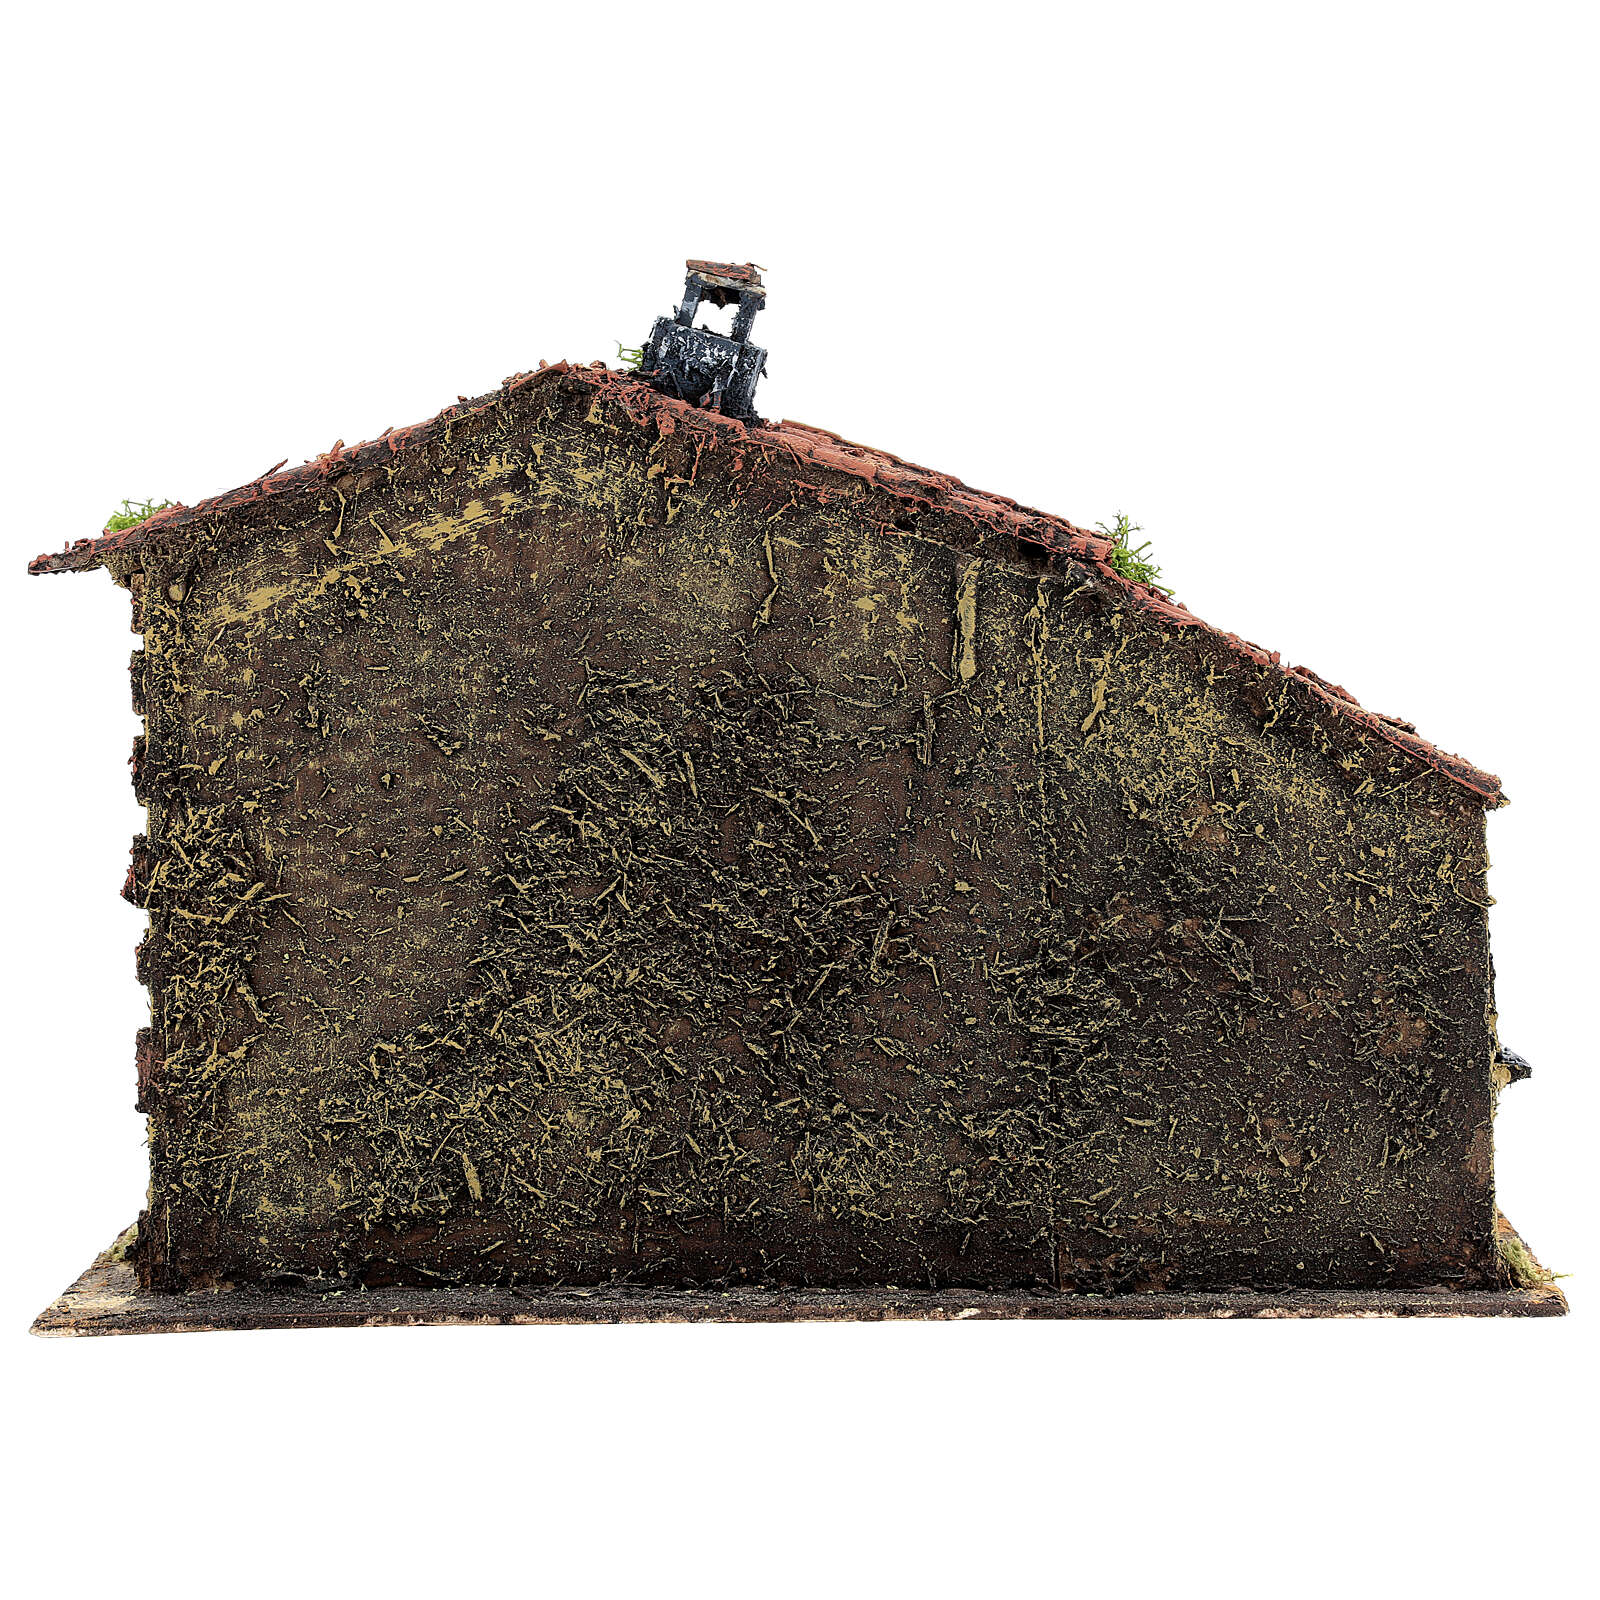 Casa em miniatura musgo e cortiça para presépio napolitano com figuras de altura média 6 cm, 25x32x20 cm 4